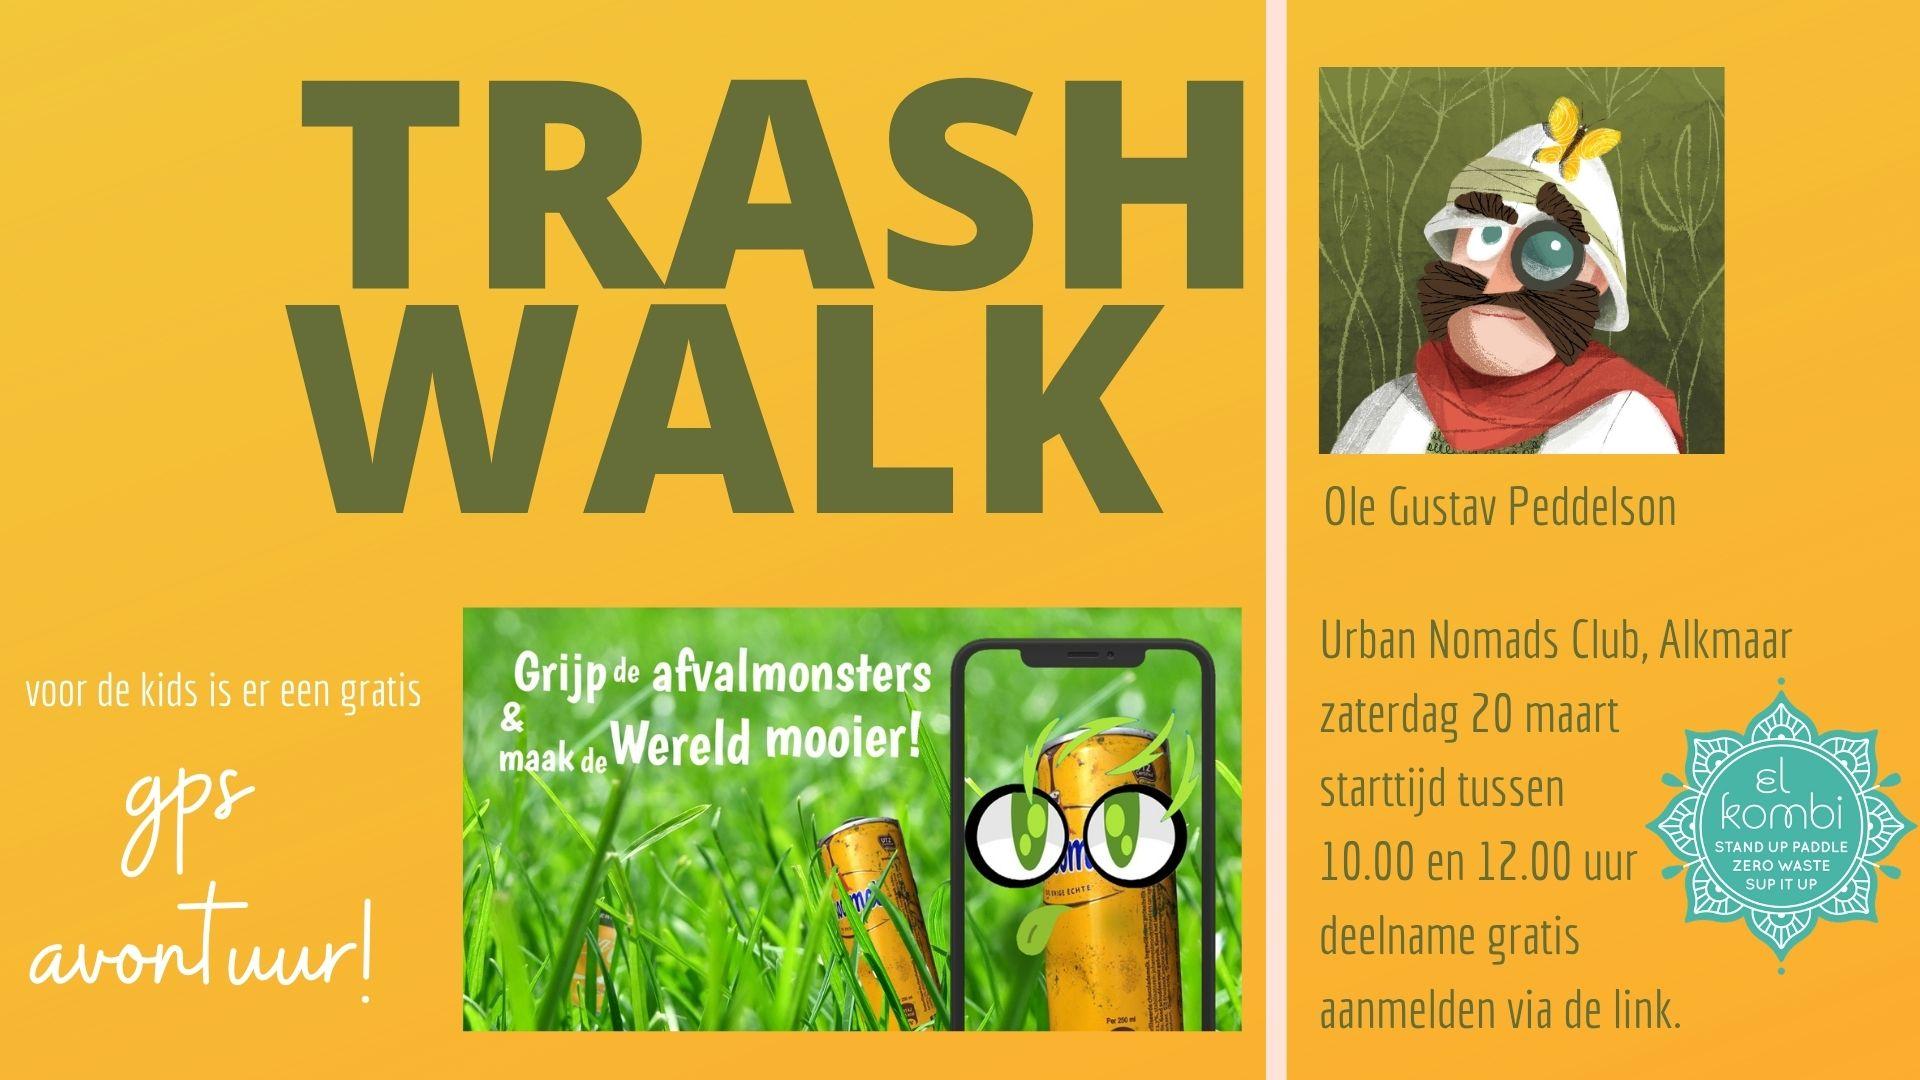 20210320 Trashwalk Ole Gustav Peddelson El Kombi SUP Zero Waste Alkmaar